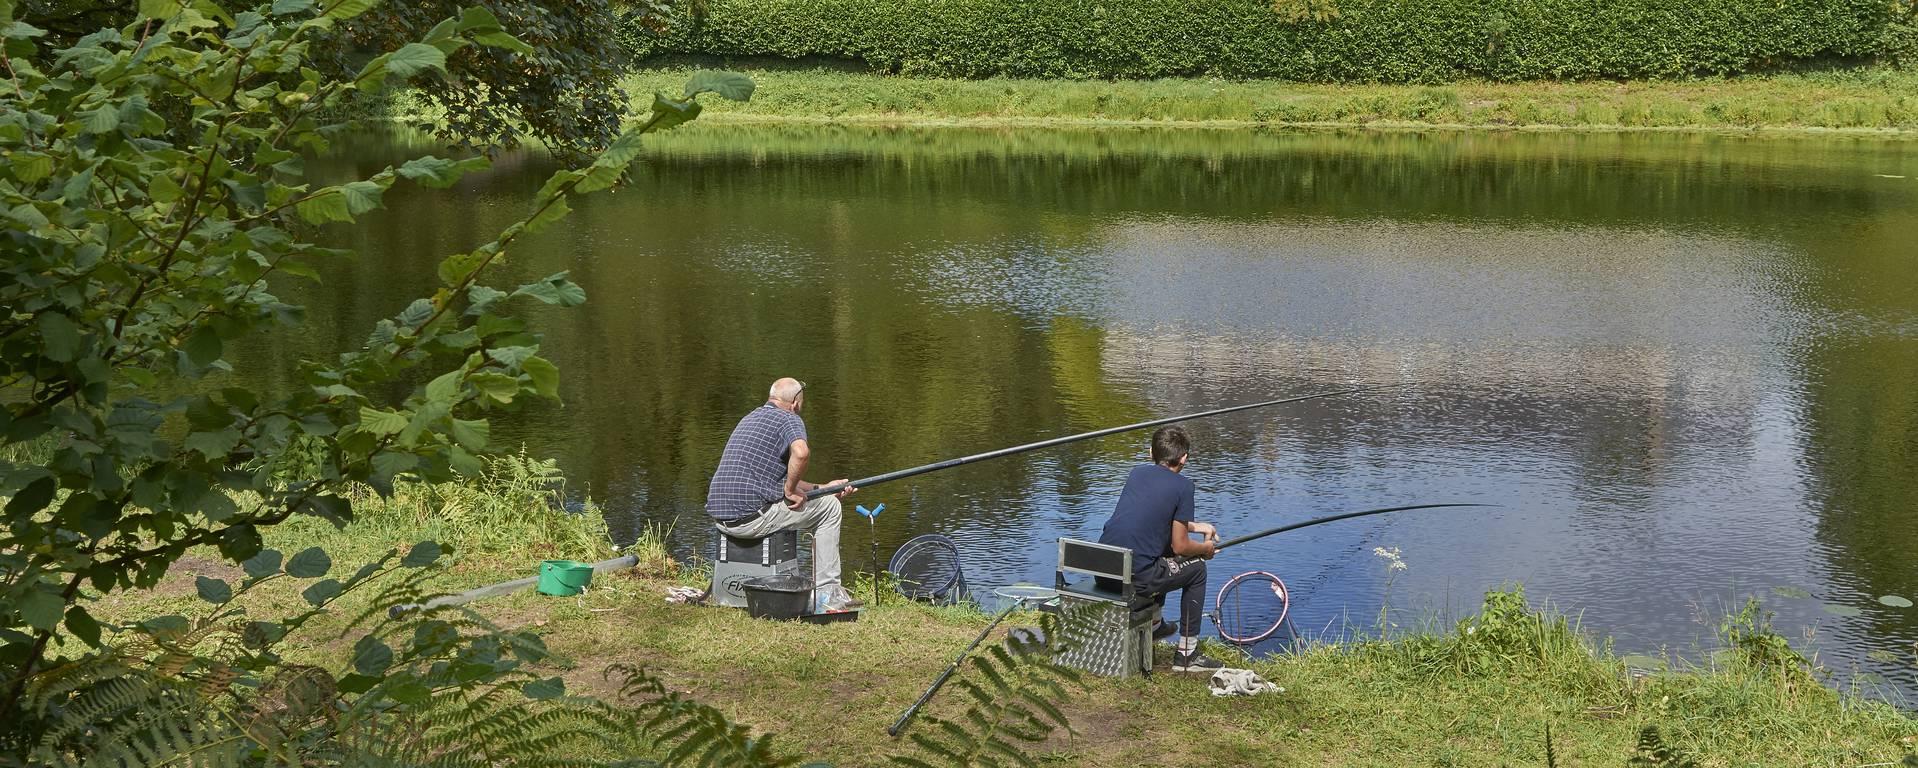 Pêche à l'étang de l'abbaye à Langonnet © M-A Gouret-Puillandre